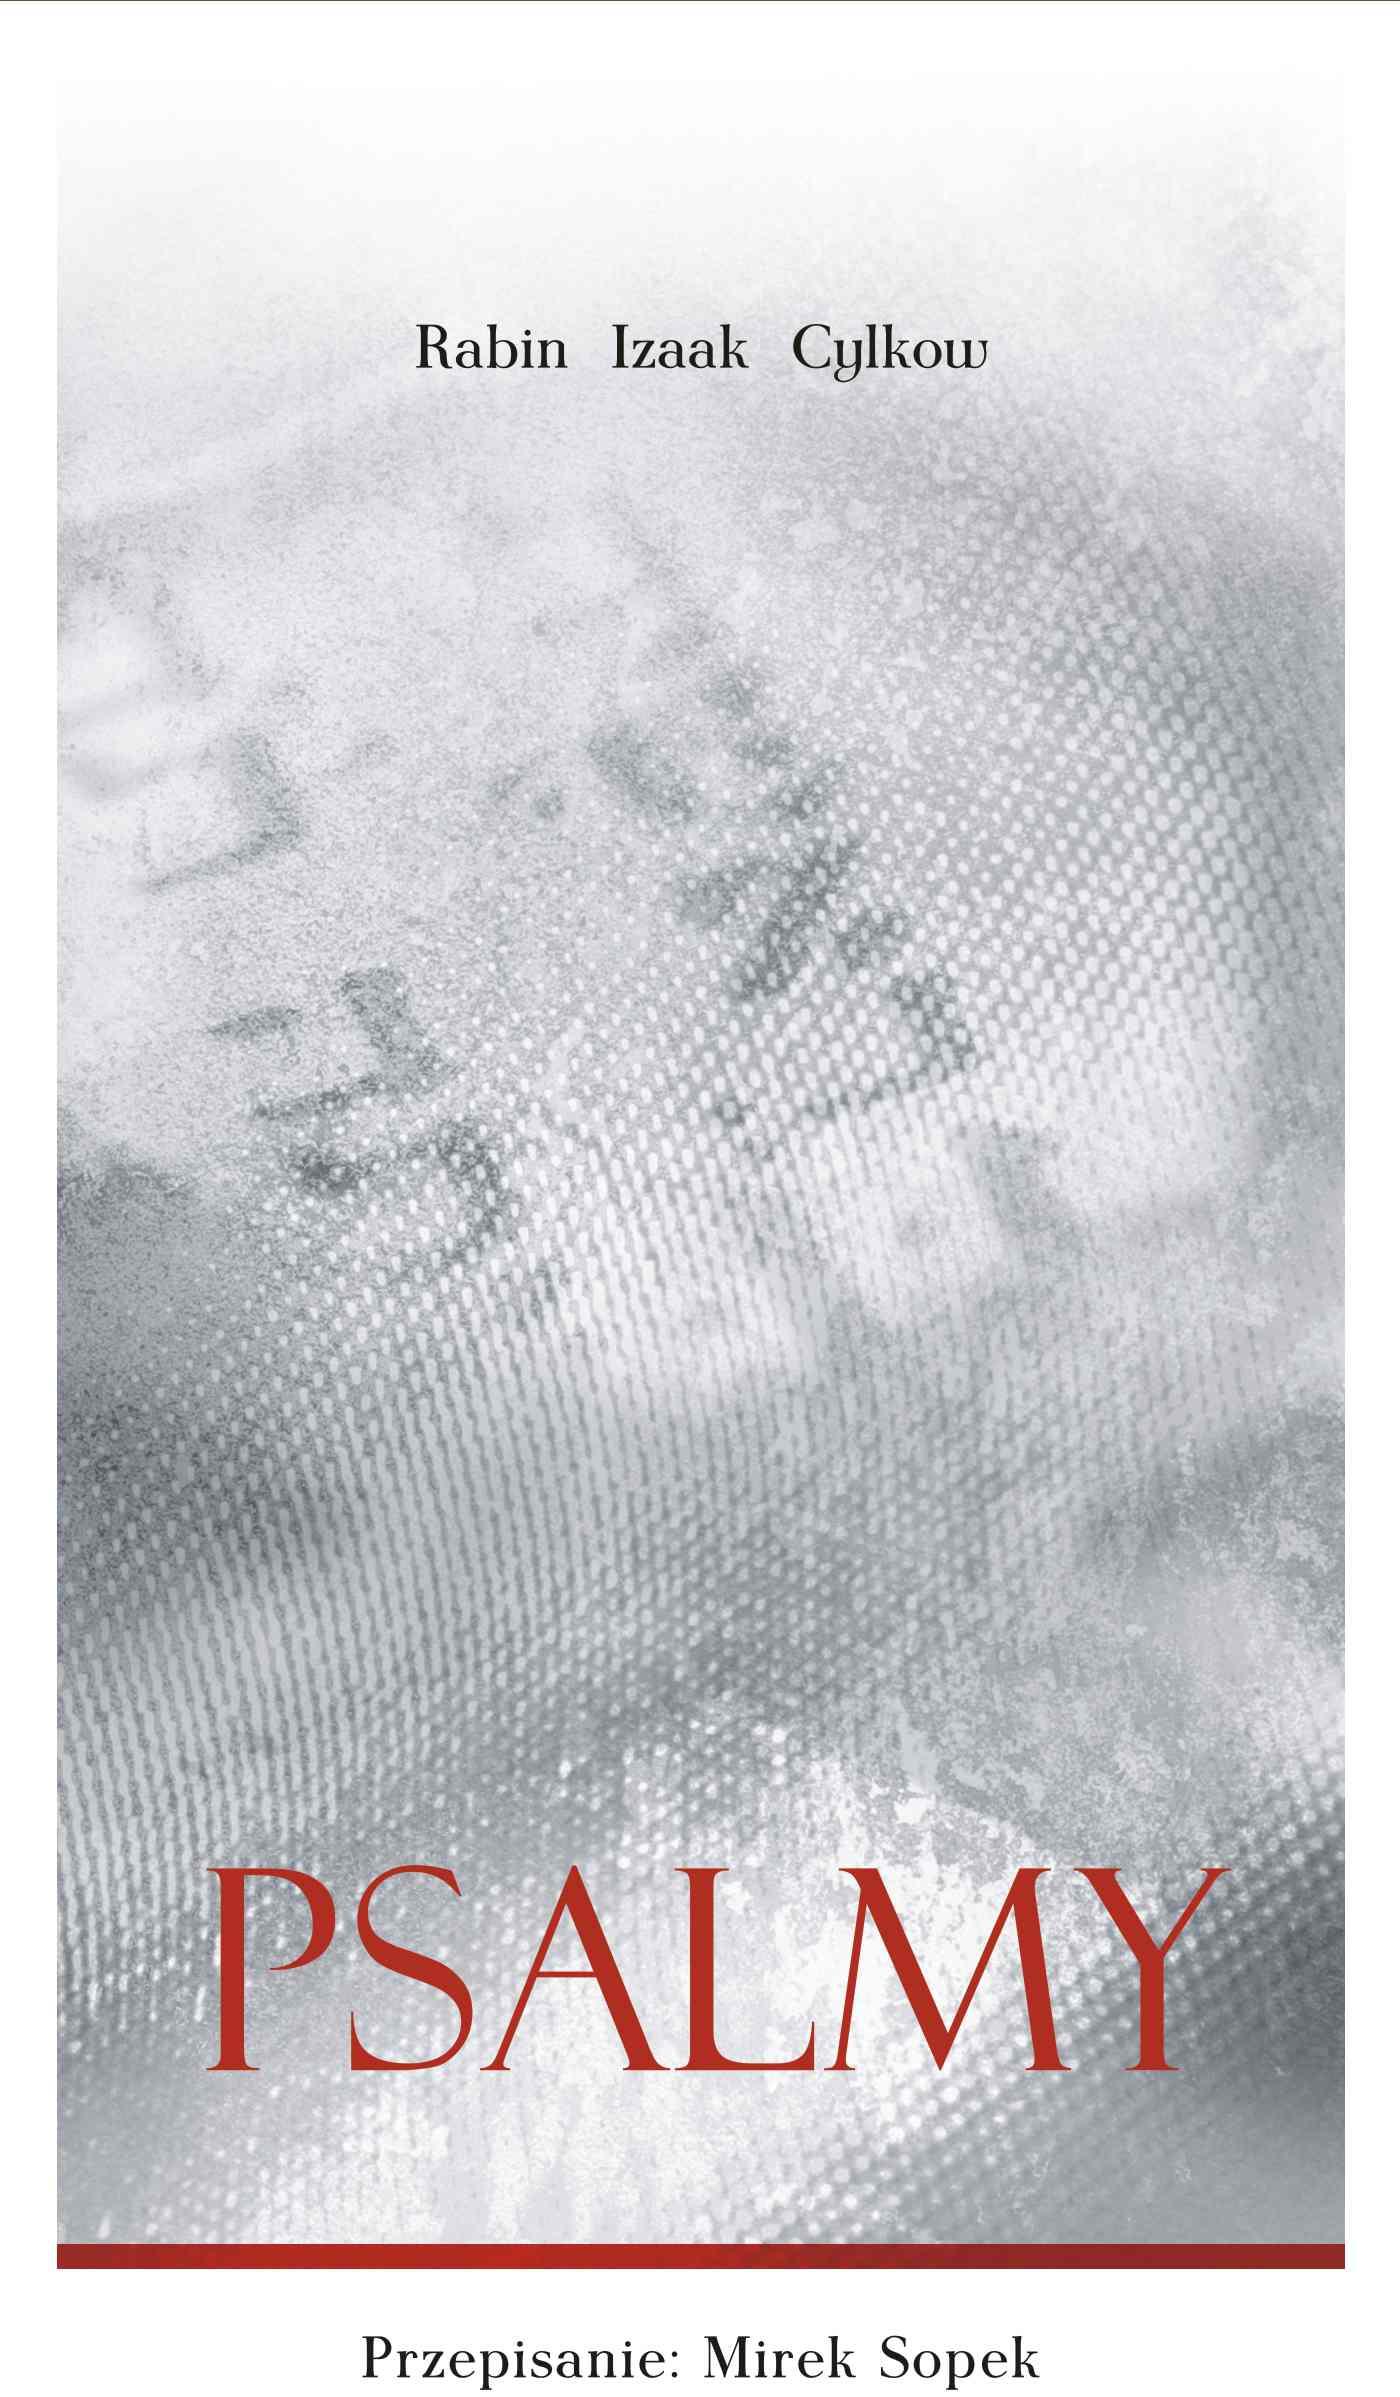 Psalmy Rabina Cylkowa - Ebook (Książka EPUB) do pobrania w formacie EPUB